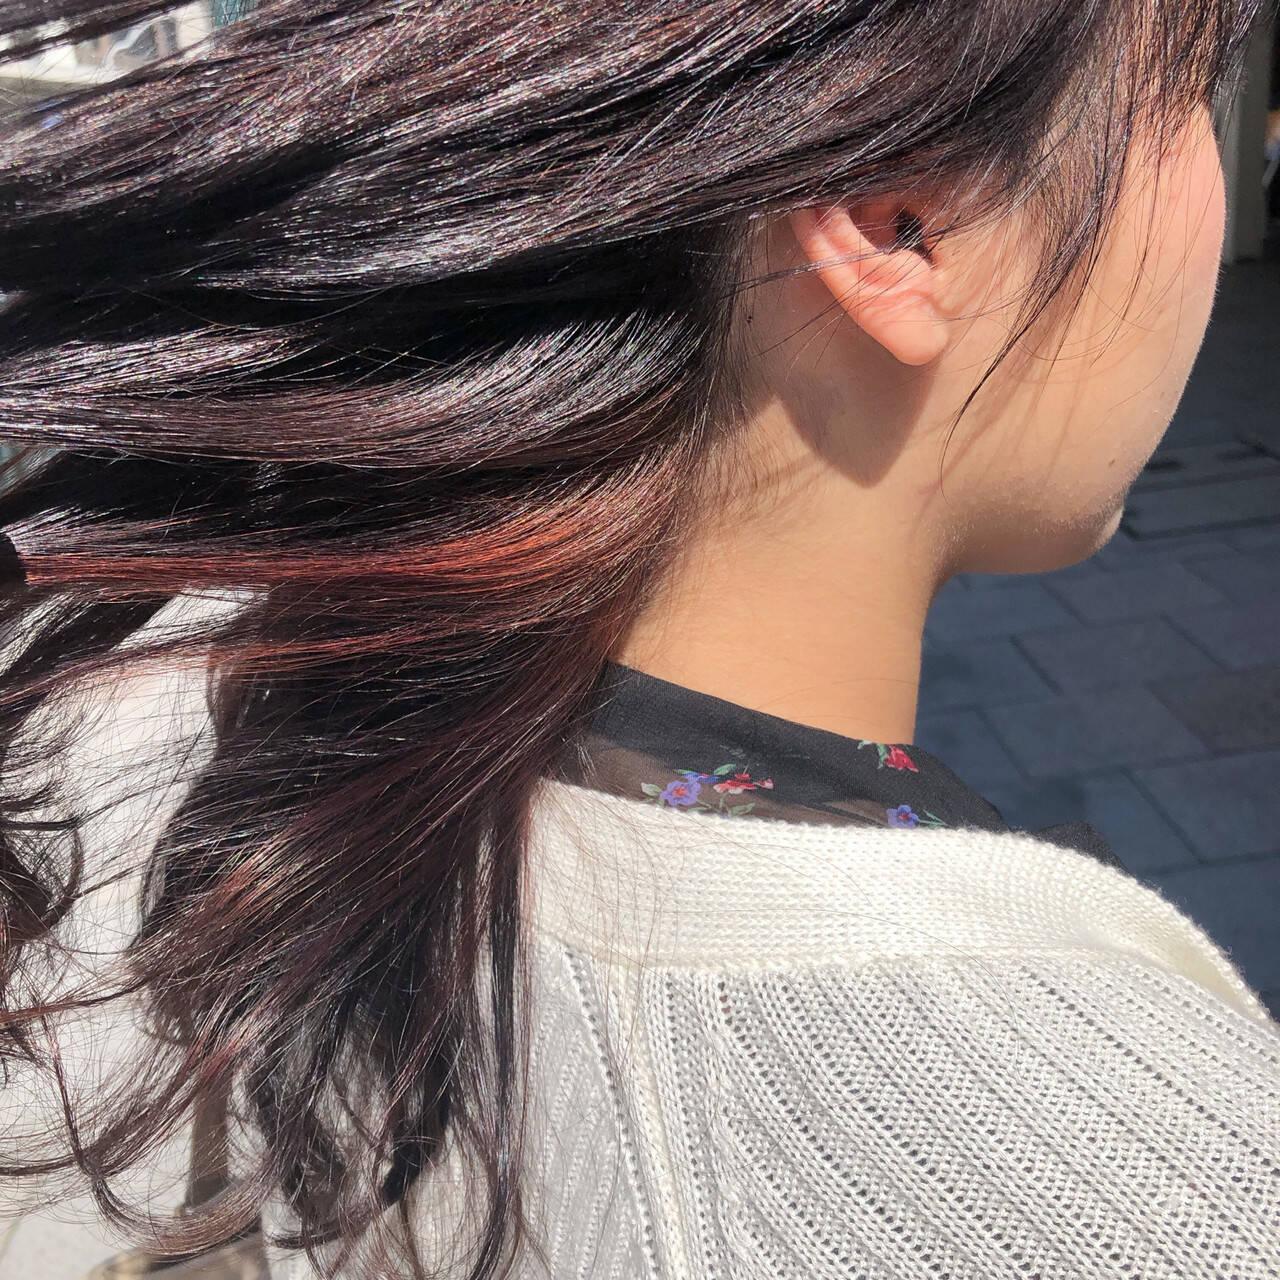 ベリーピンク ロング ブリーチ無し インナーカラーヘアスタイルや髪型の写真・画像